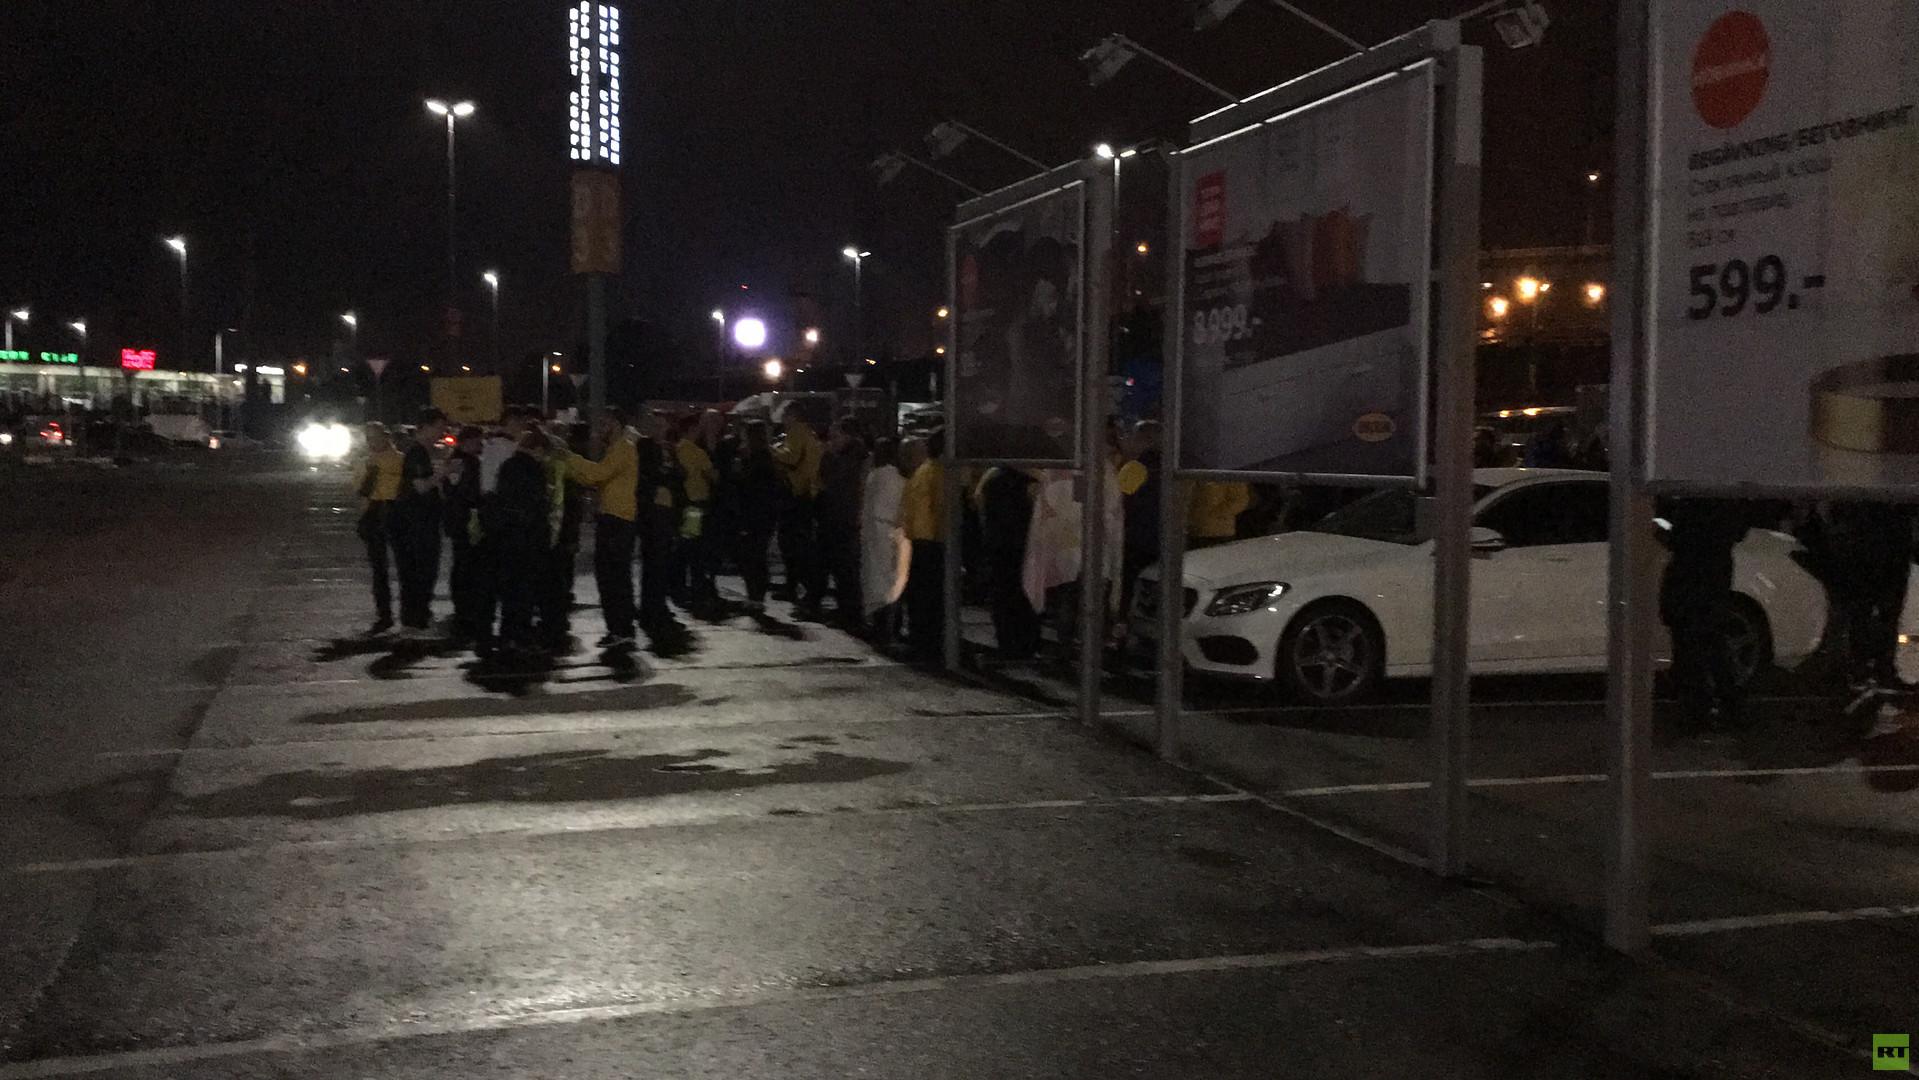 Из-за угрозы взрыва эвакуировалиТЦ «Охотный ряд» в столицеРФ